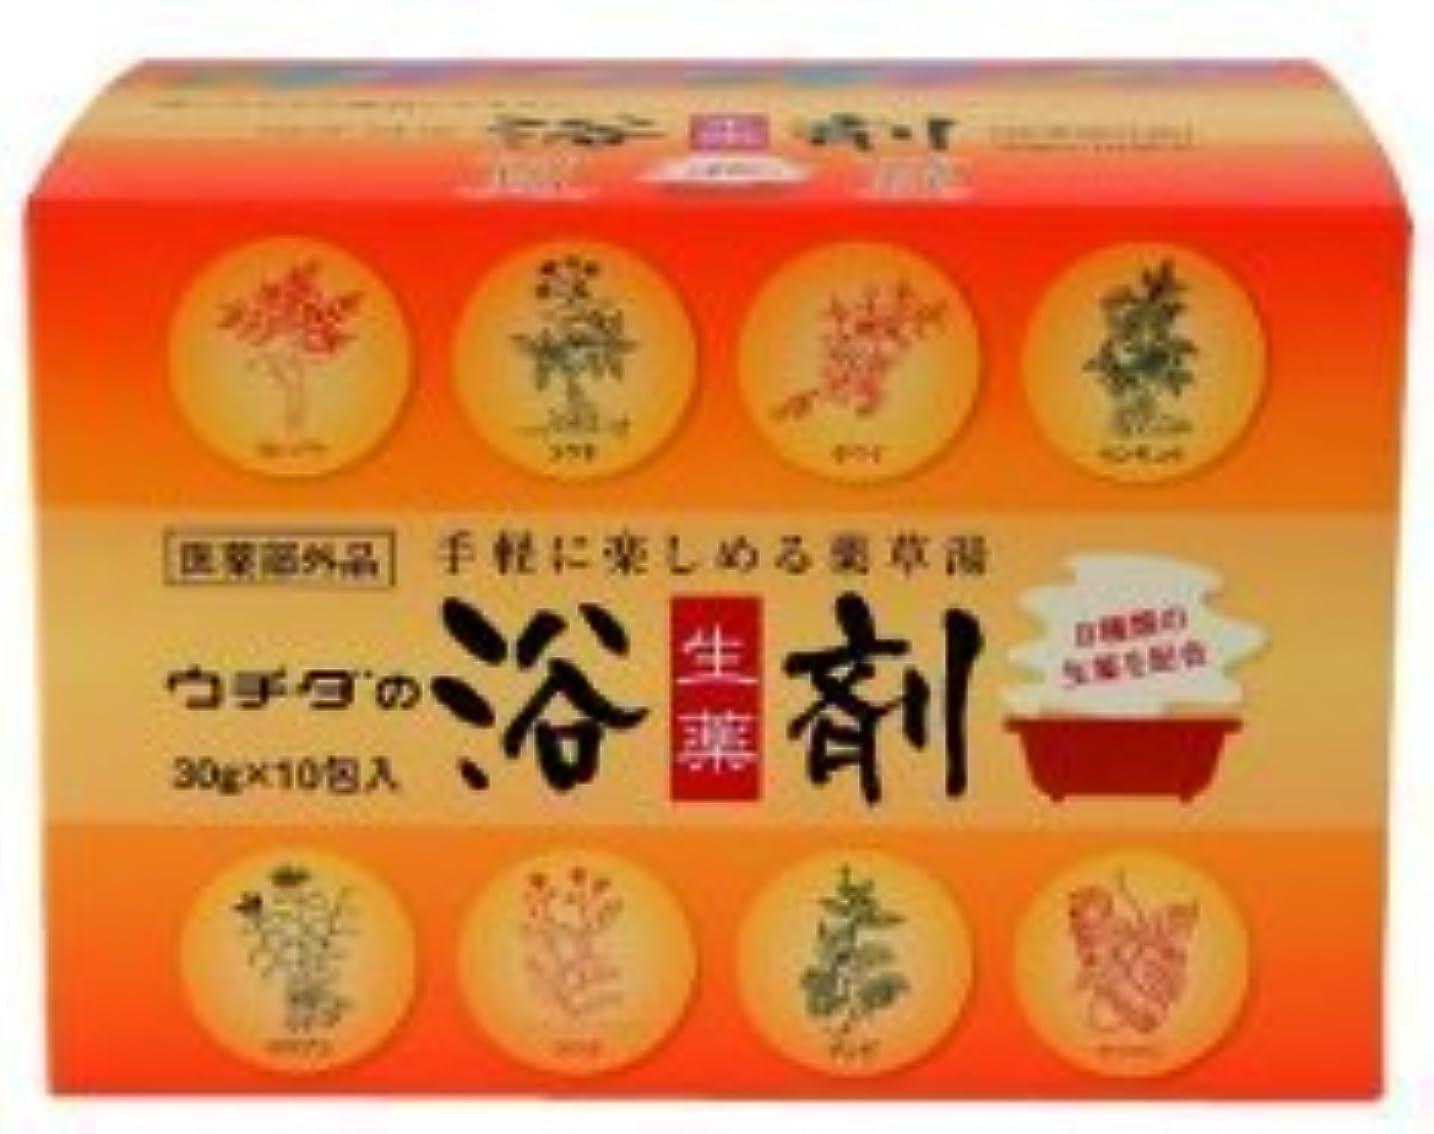 パック足東〔ウチダ和漢薬〕ウチダの浴剤(30g×10包入)×2個セット+1包おまけ